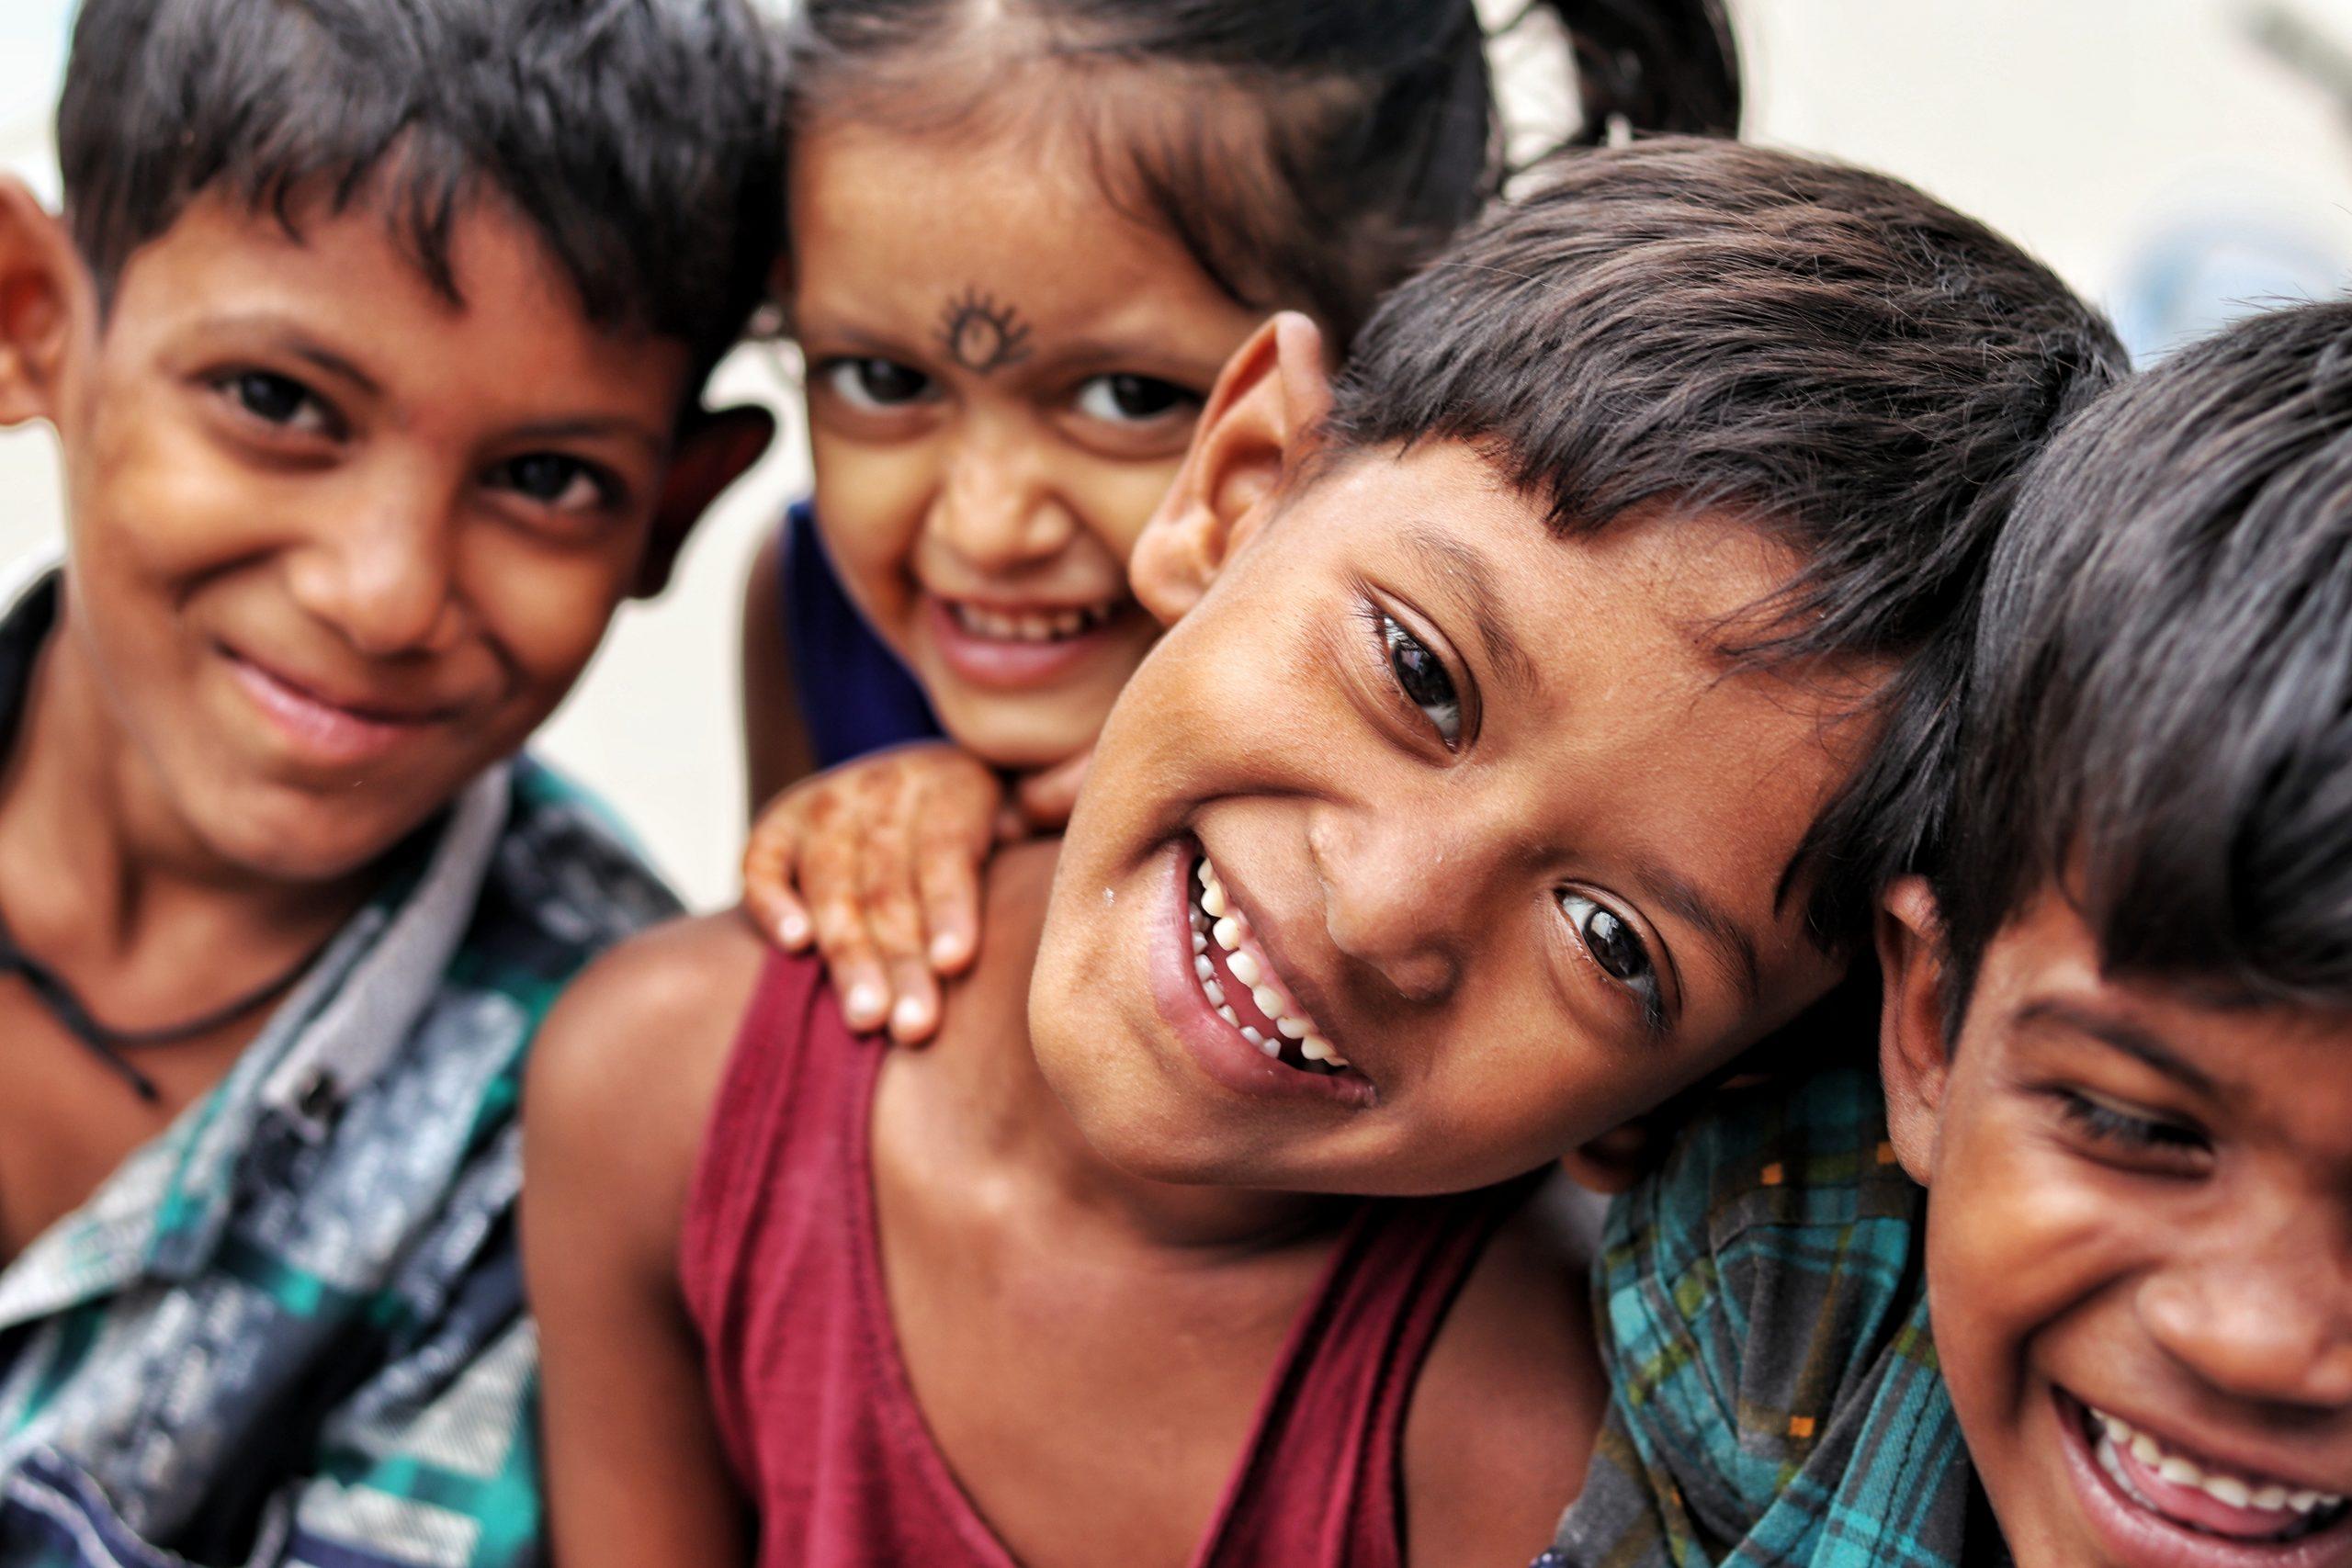 Des bancs d'une école public en Inde… à un financement public français.